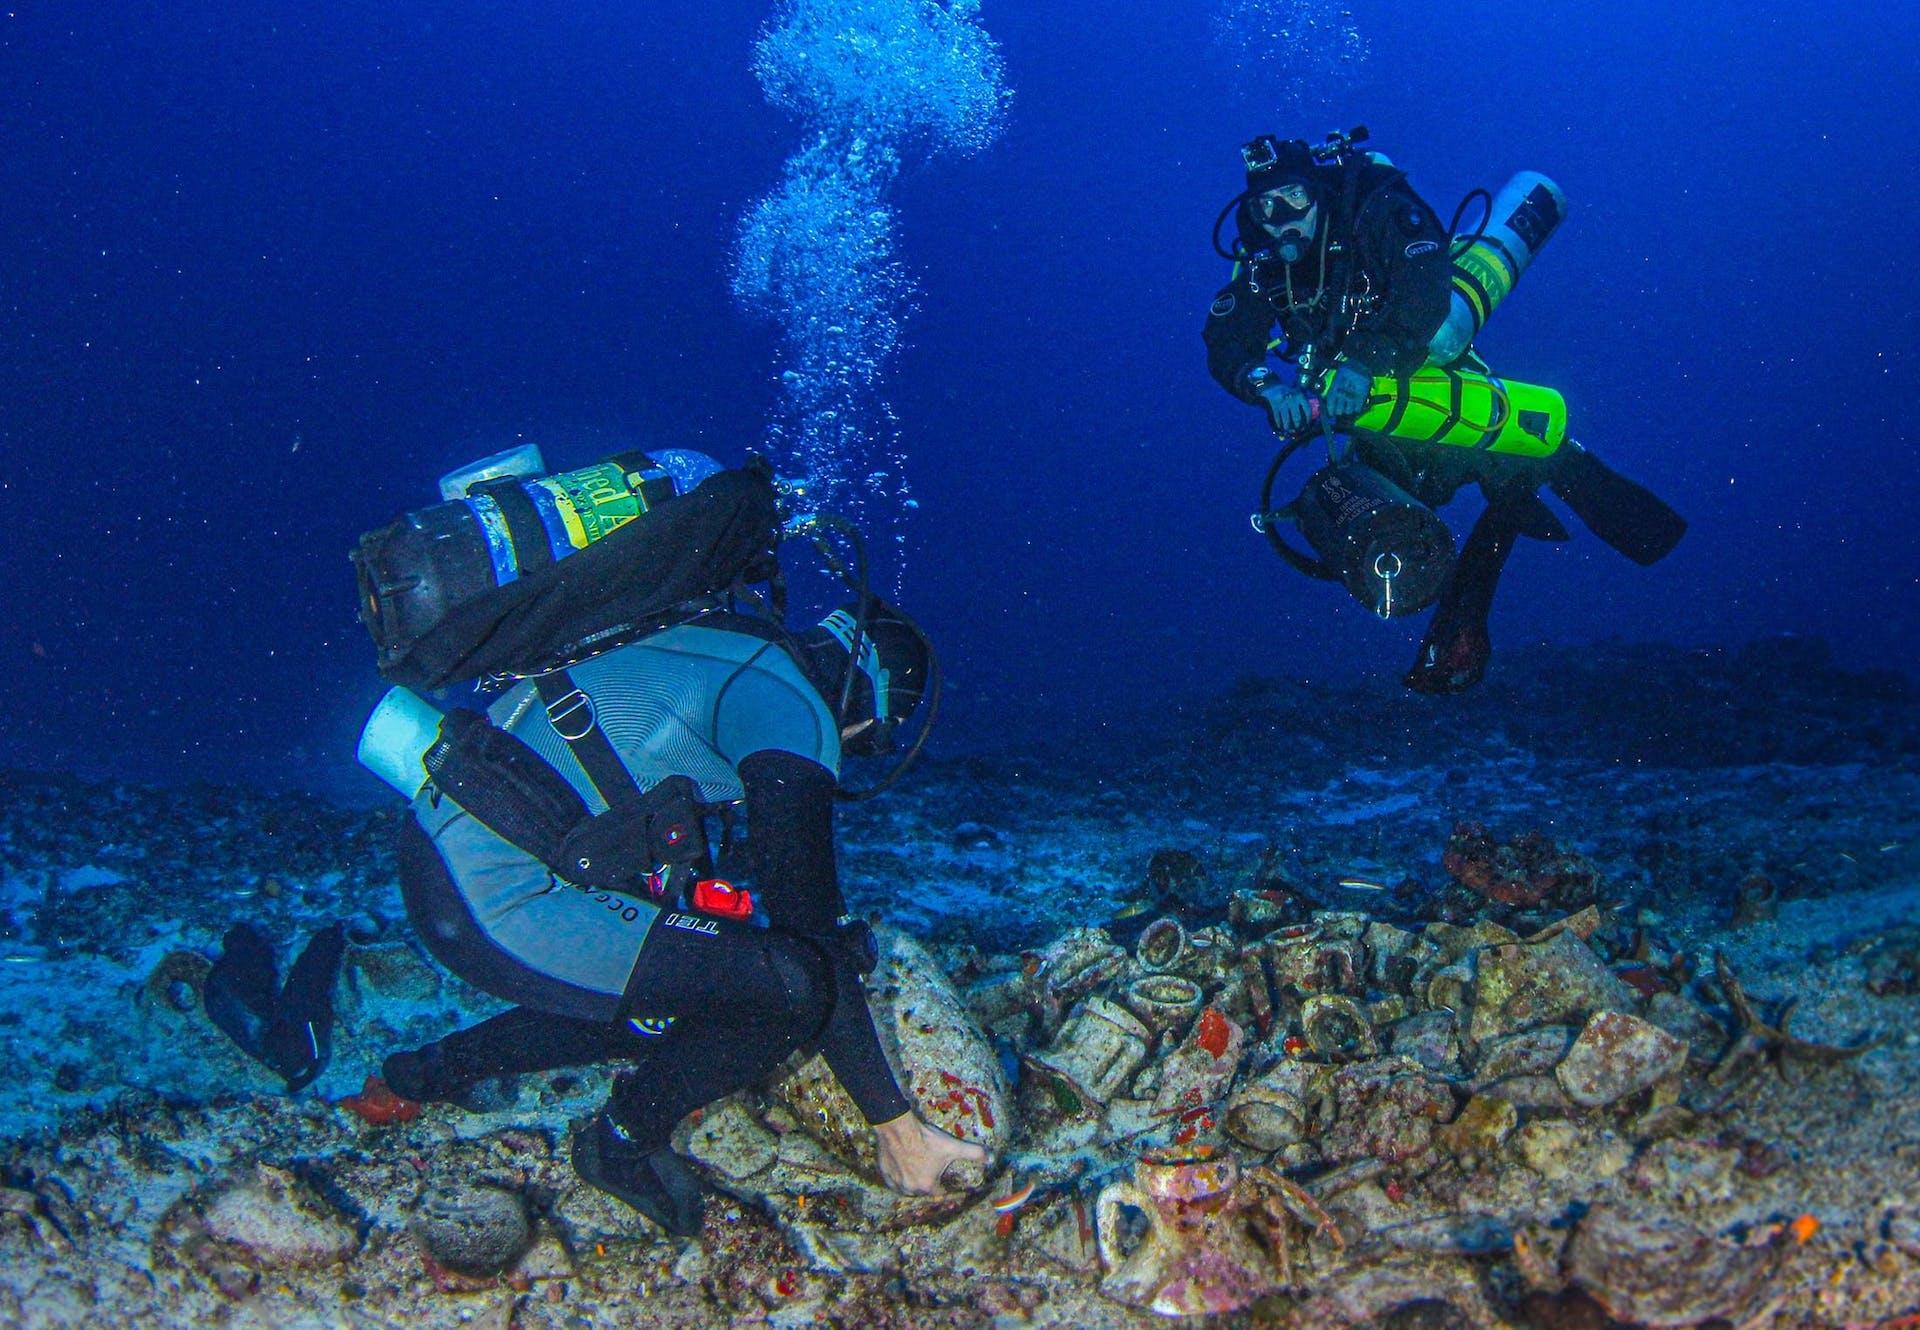 Antikythera nyhedsbillede